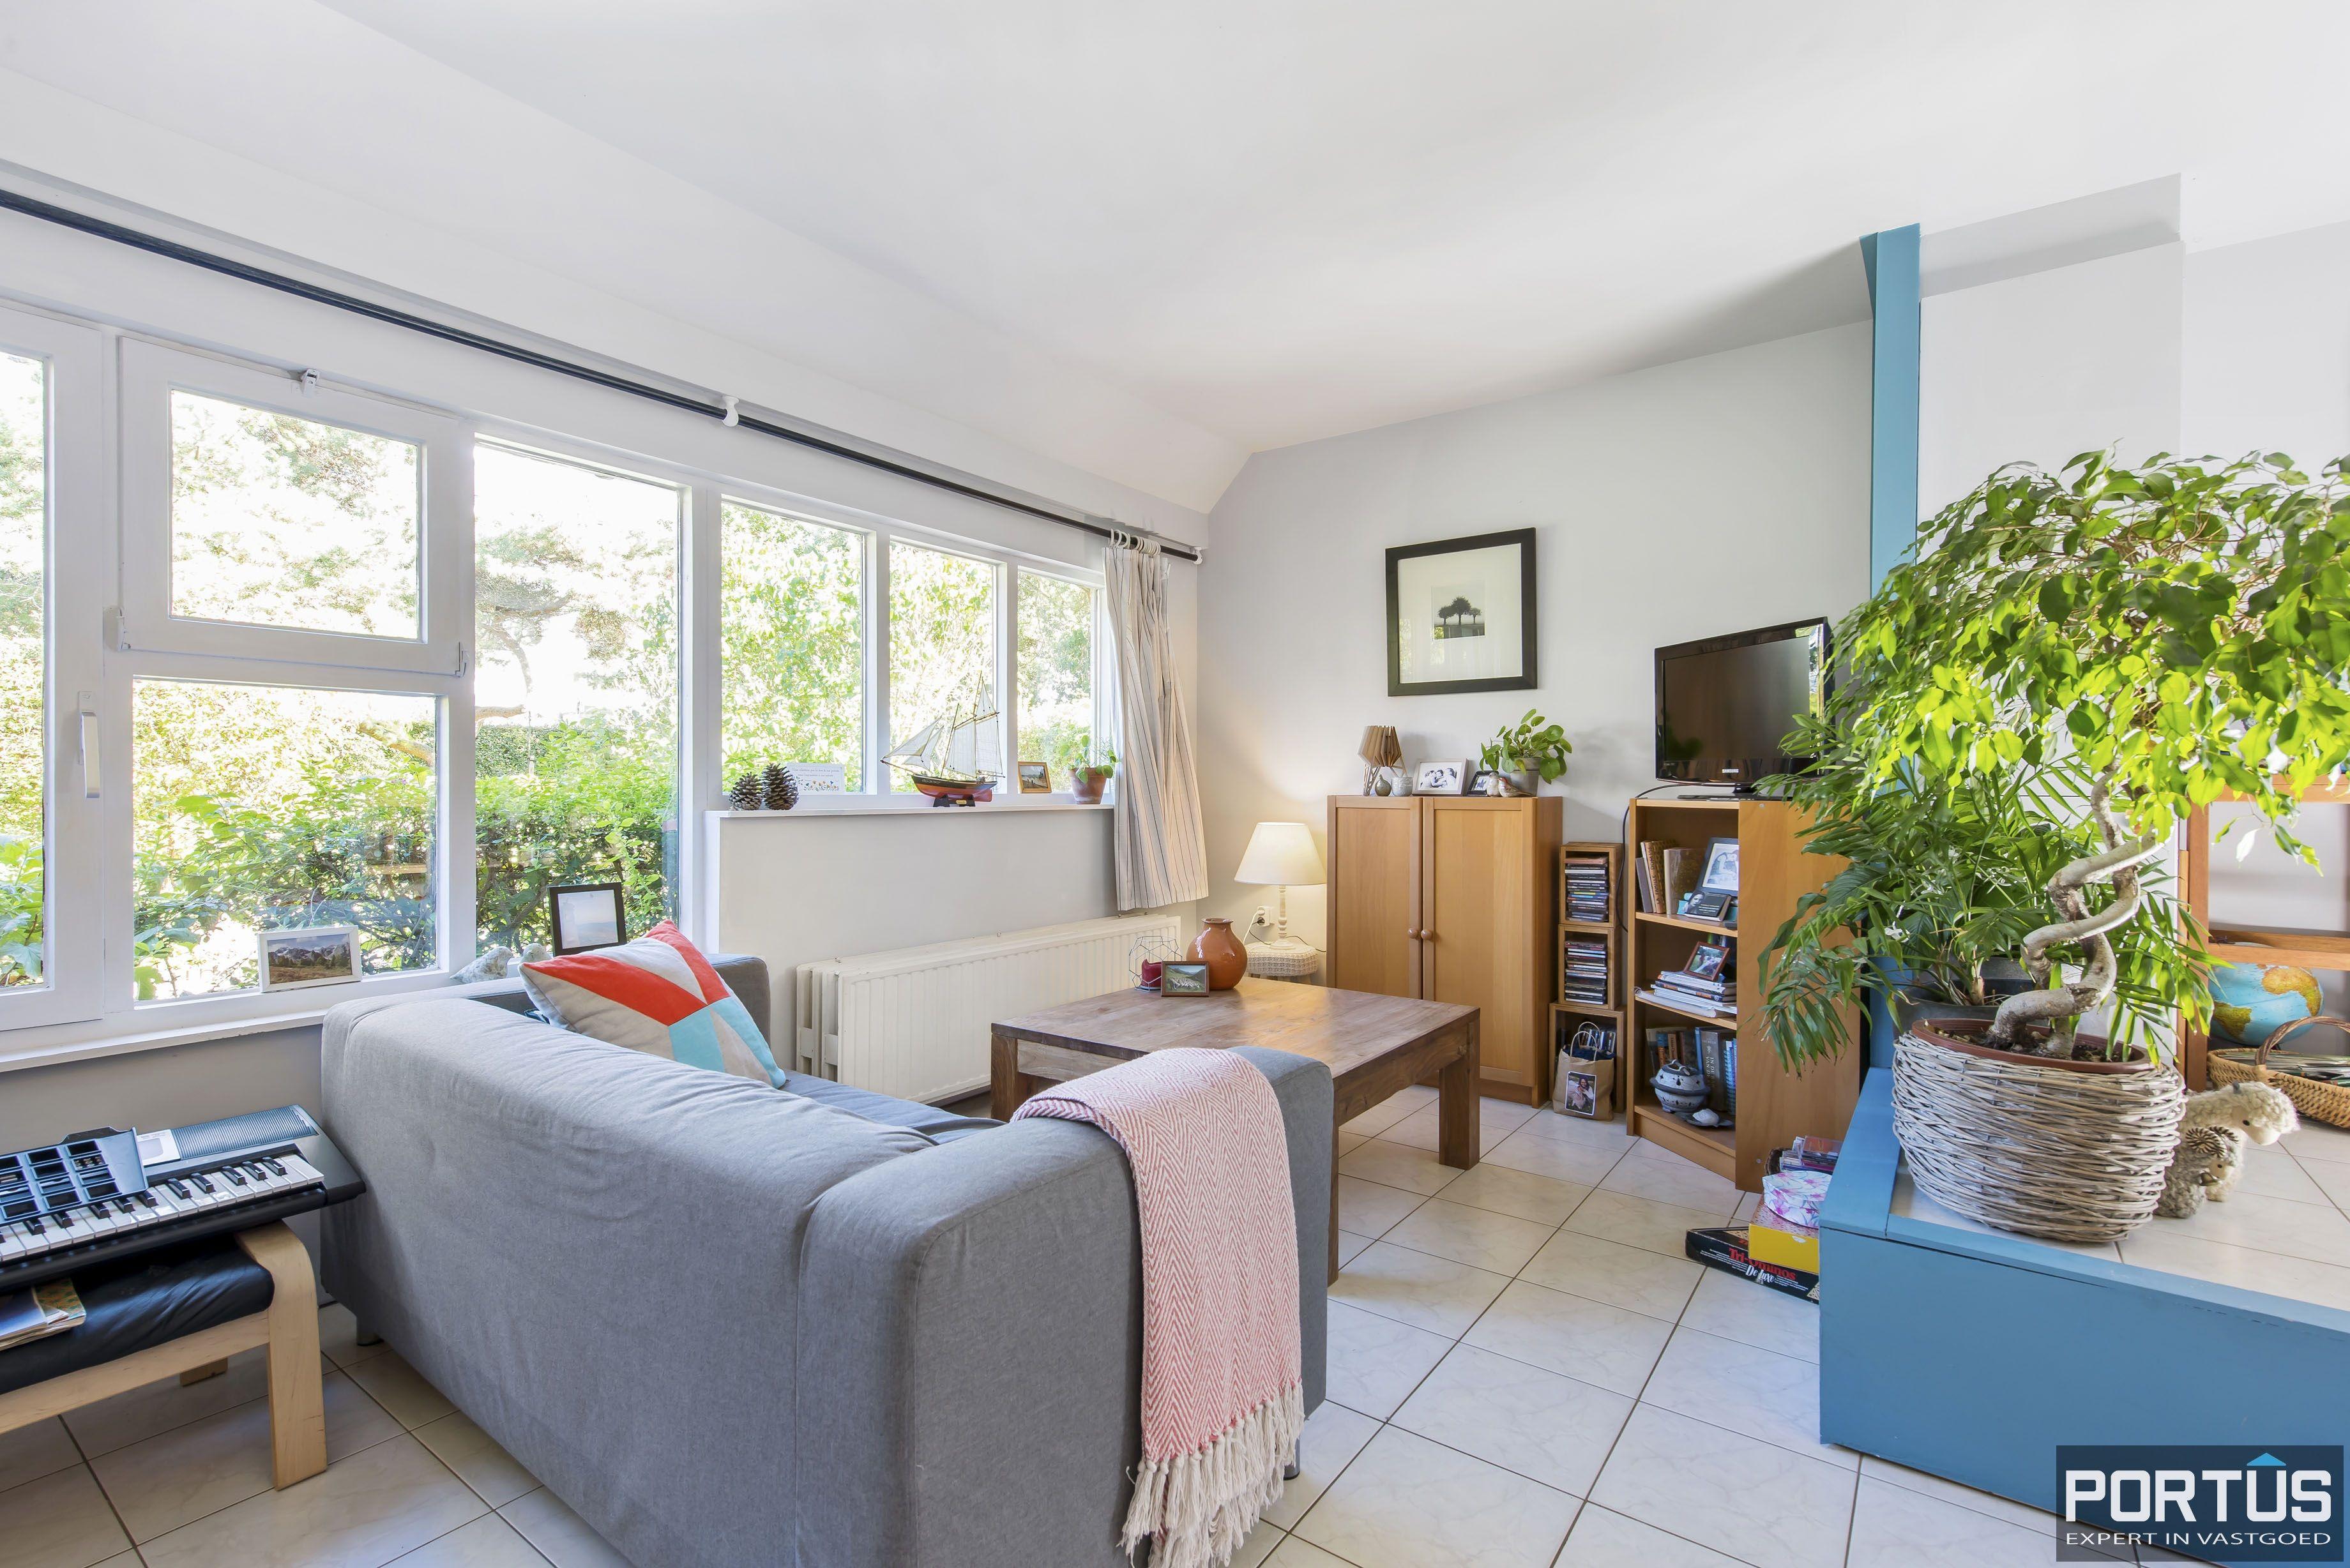 Ruime vakantiewoning met 2 slaapkamers te koop - 8866